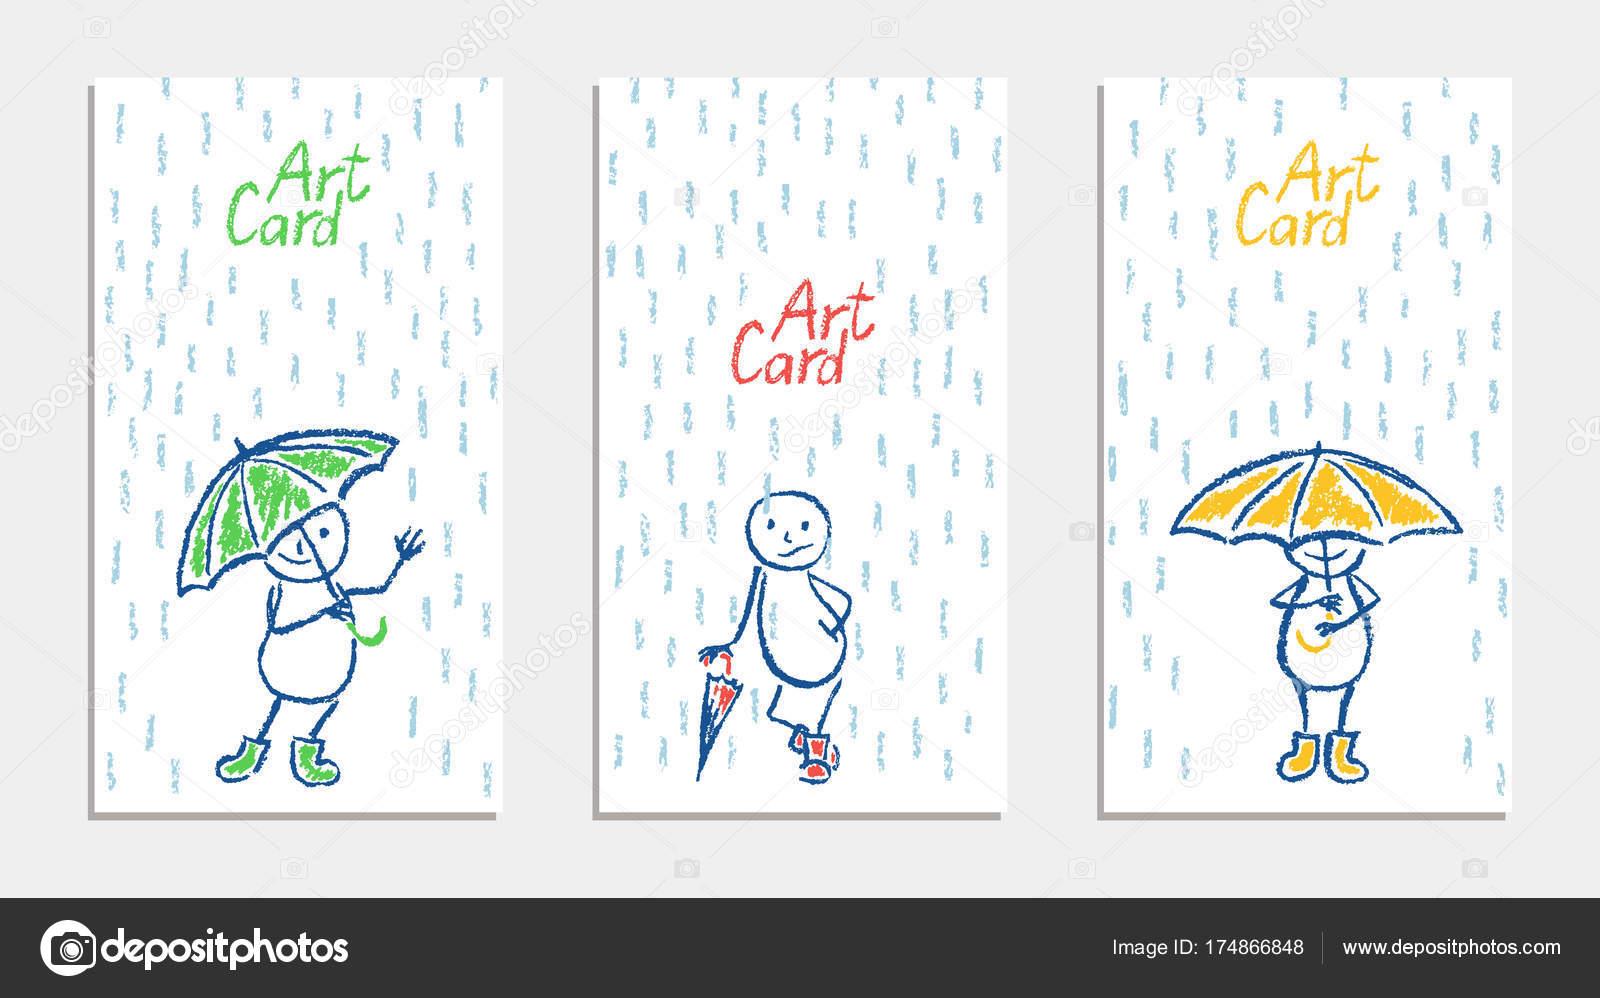 şemsiye Yağmur Kartı Ile Komik Adam Ayarla Mum Mum Boya Stok